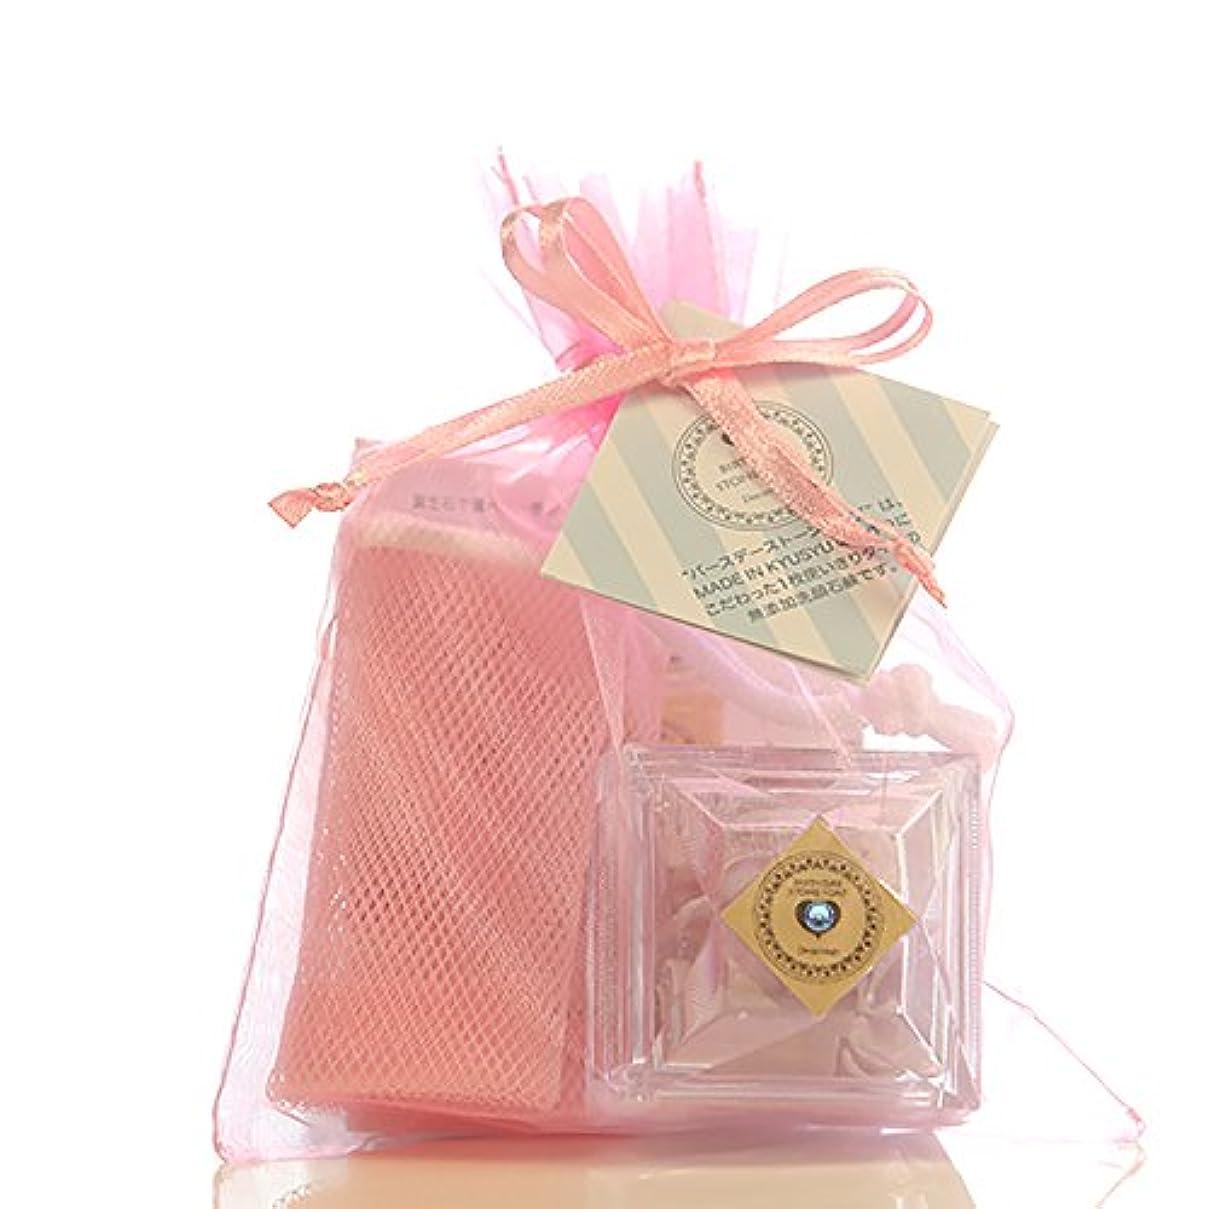 ダウンタウンスタジオ不倫誕生月で選べるバースデーストーンソープ プレミアムアルガンmini プチギフト(3月 アクアマリン)(ラズベリーの香り)